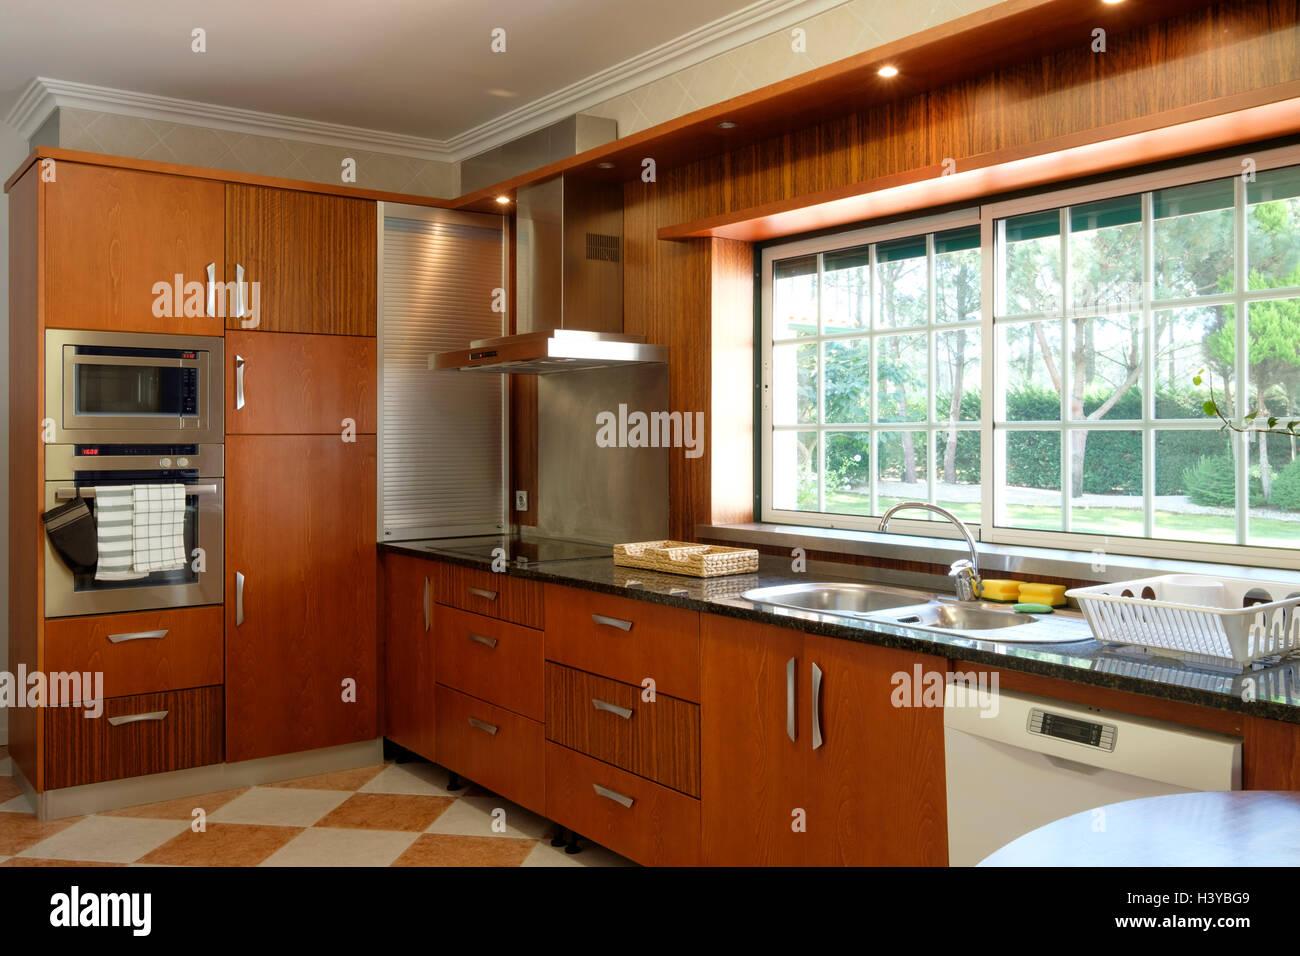 Cozinha Moderna Com Arm Rios De Madeira Interior Foto Imagem De